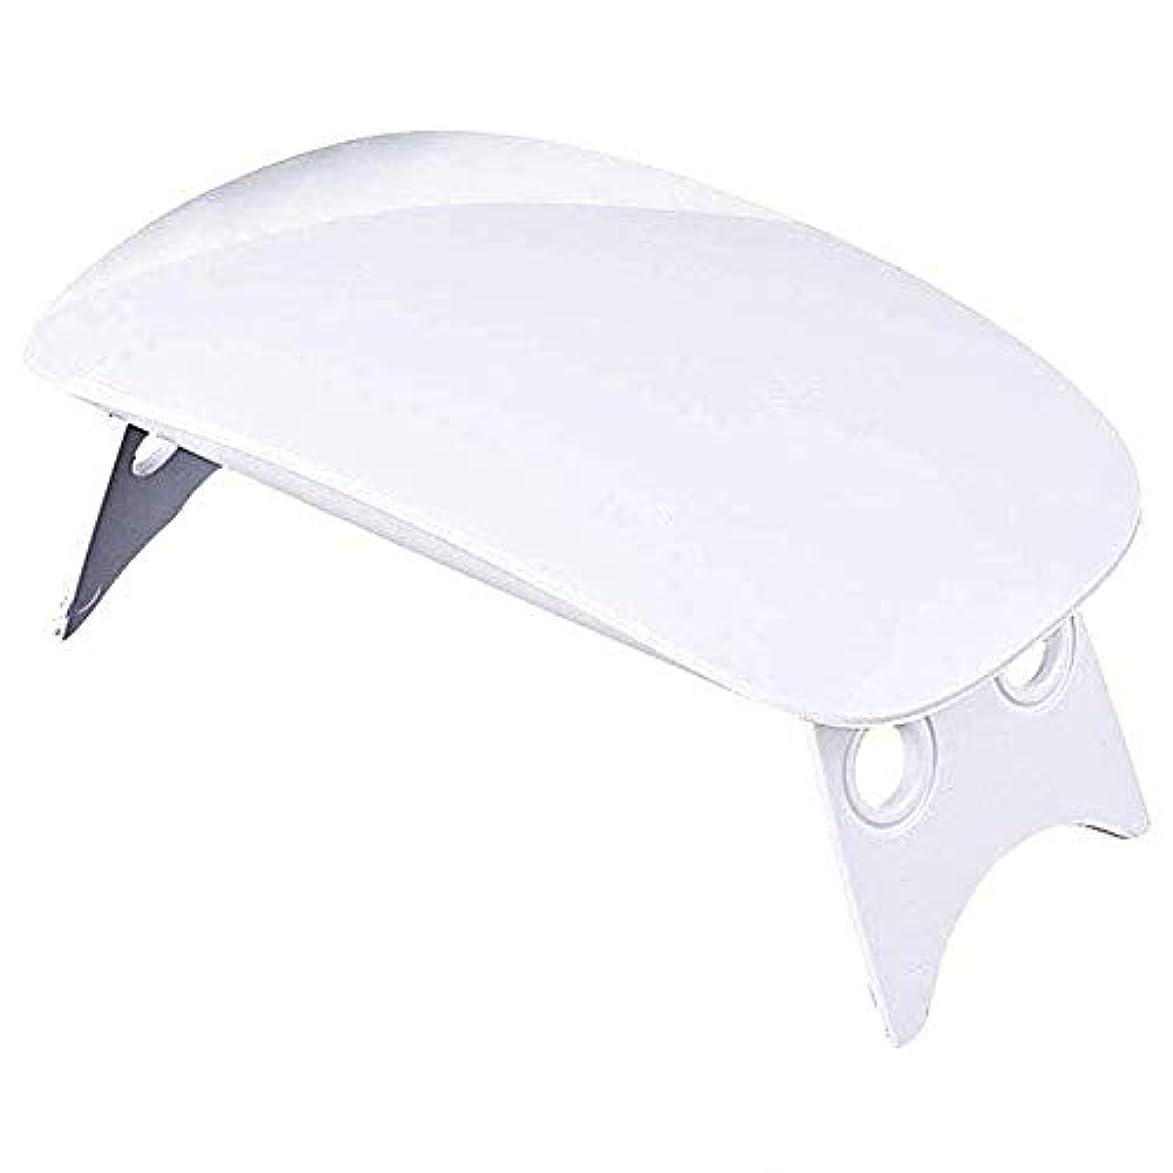 資本主義サンダースだますLEDネイルドライヤー UVライト 折りたたみ式 設定可能 タイマー ジェルネイル